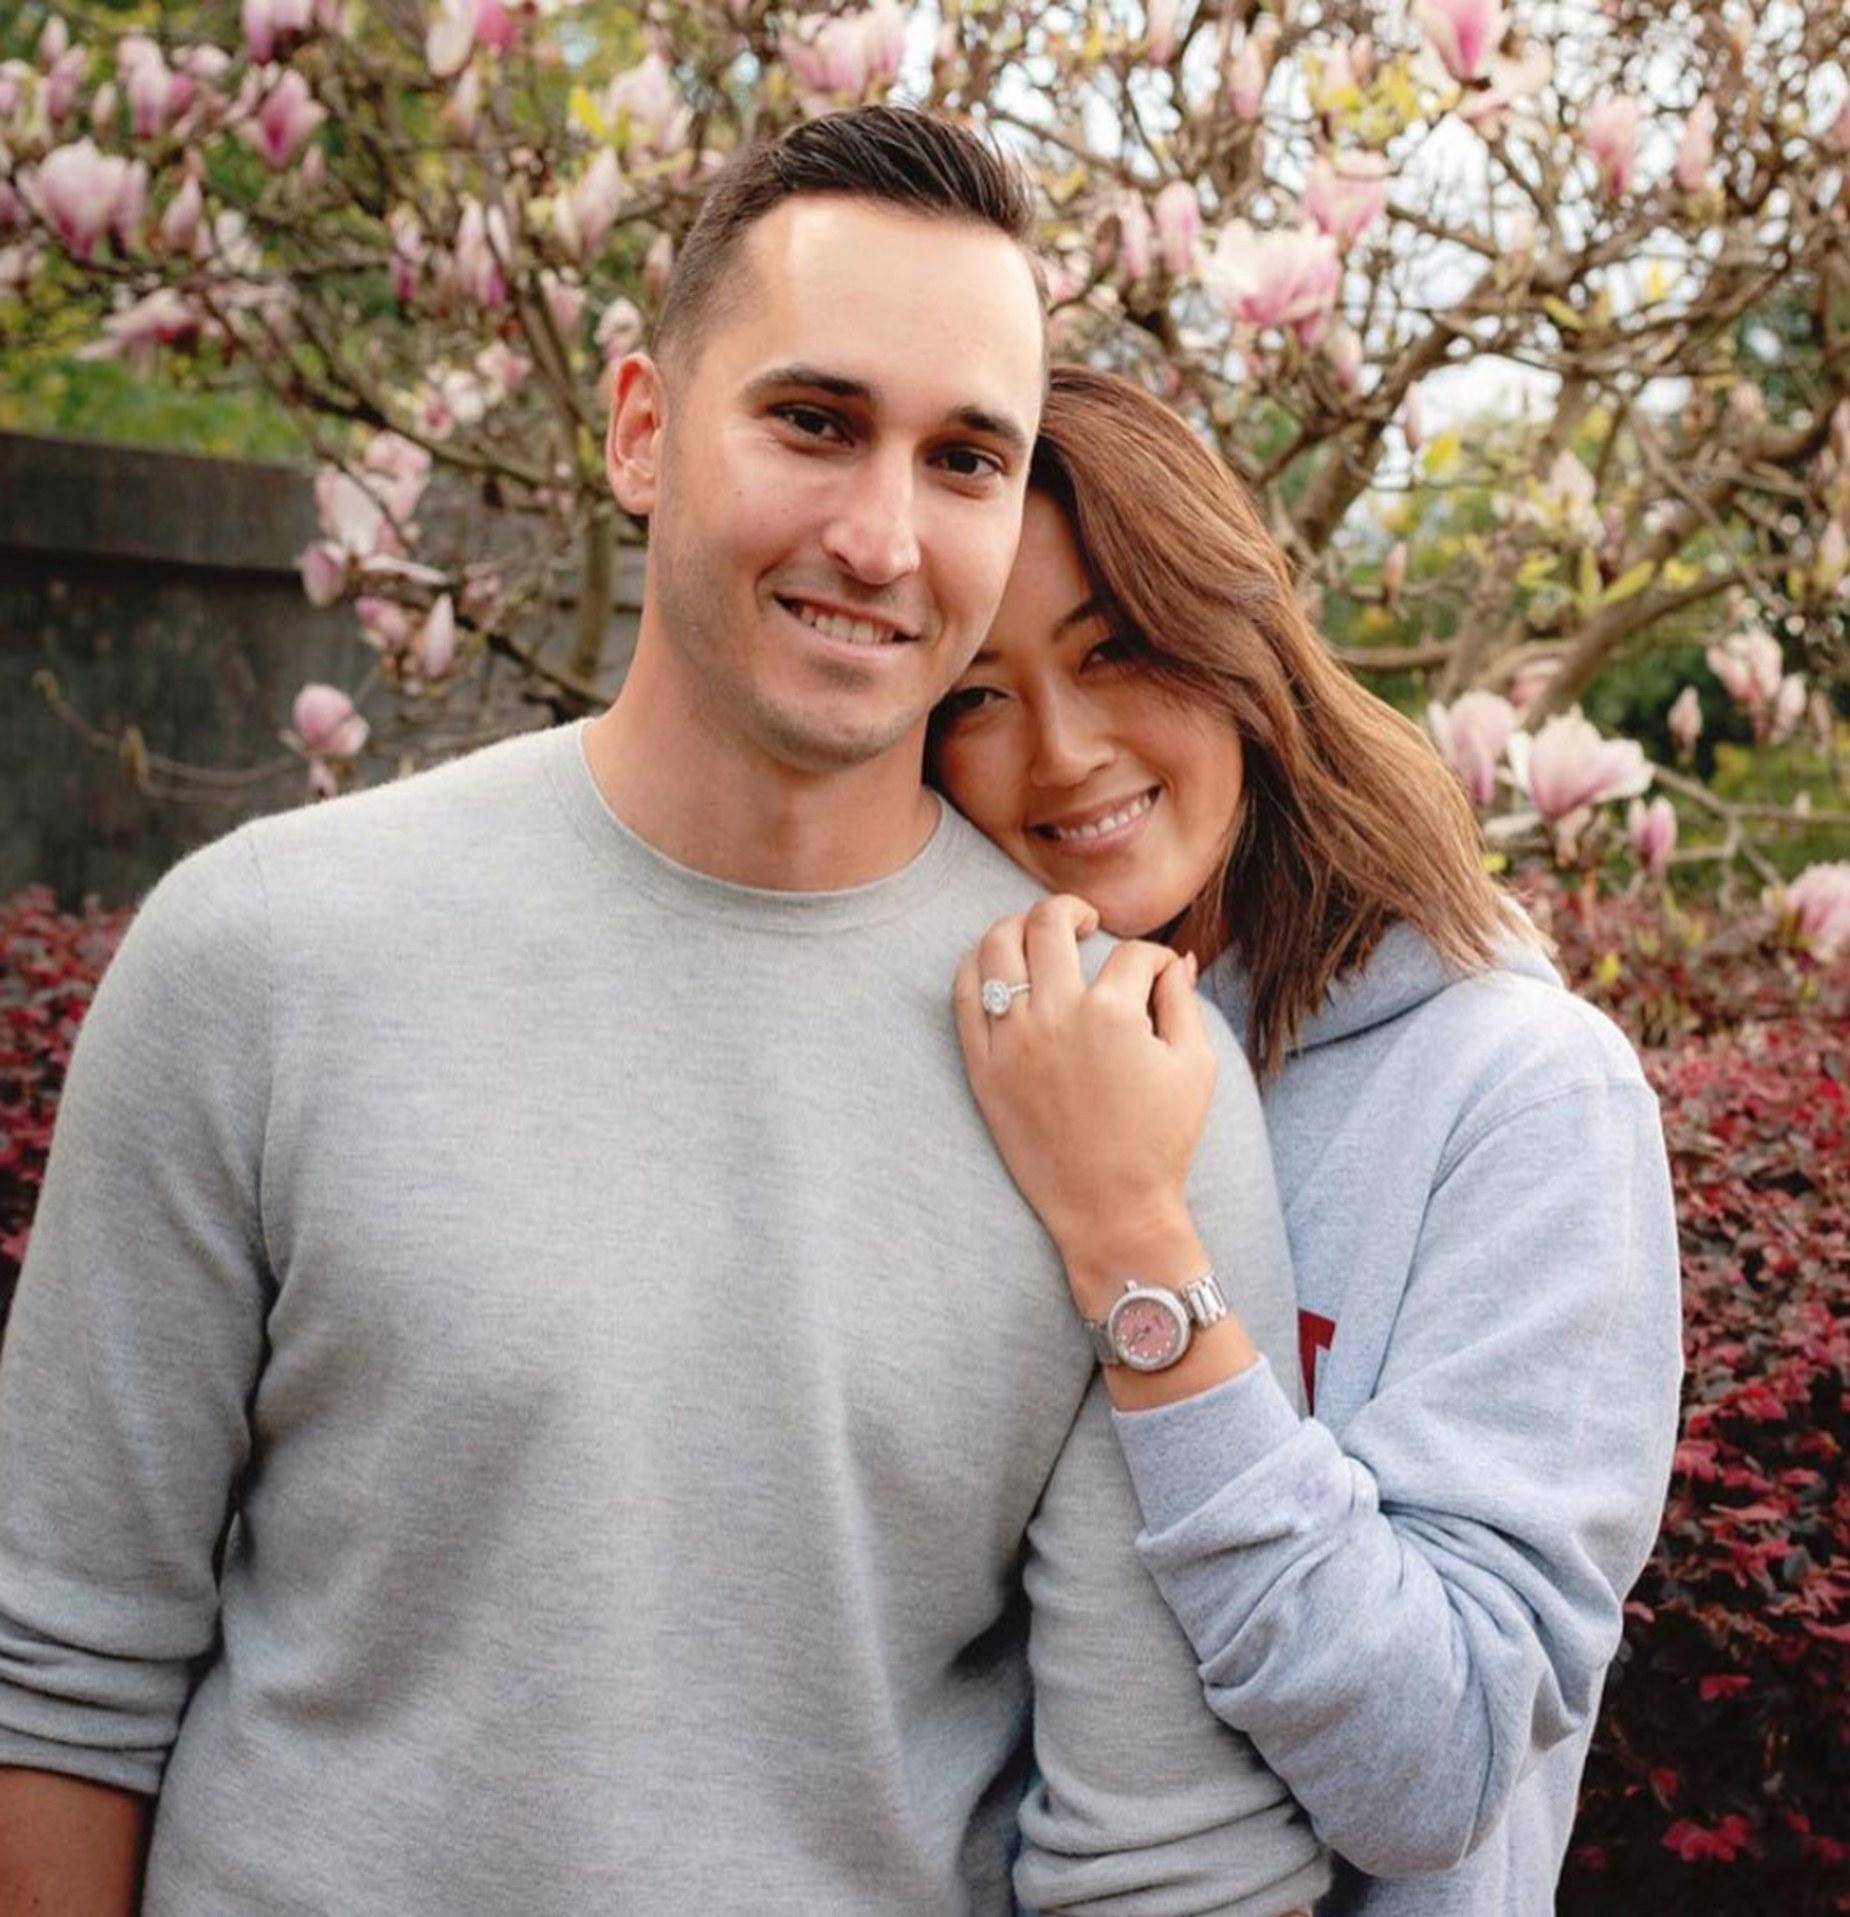 赛场失意情场得意 魏圣美社交媒体宣布男友求婚成功 _比赛 体育新闻 第1张